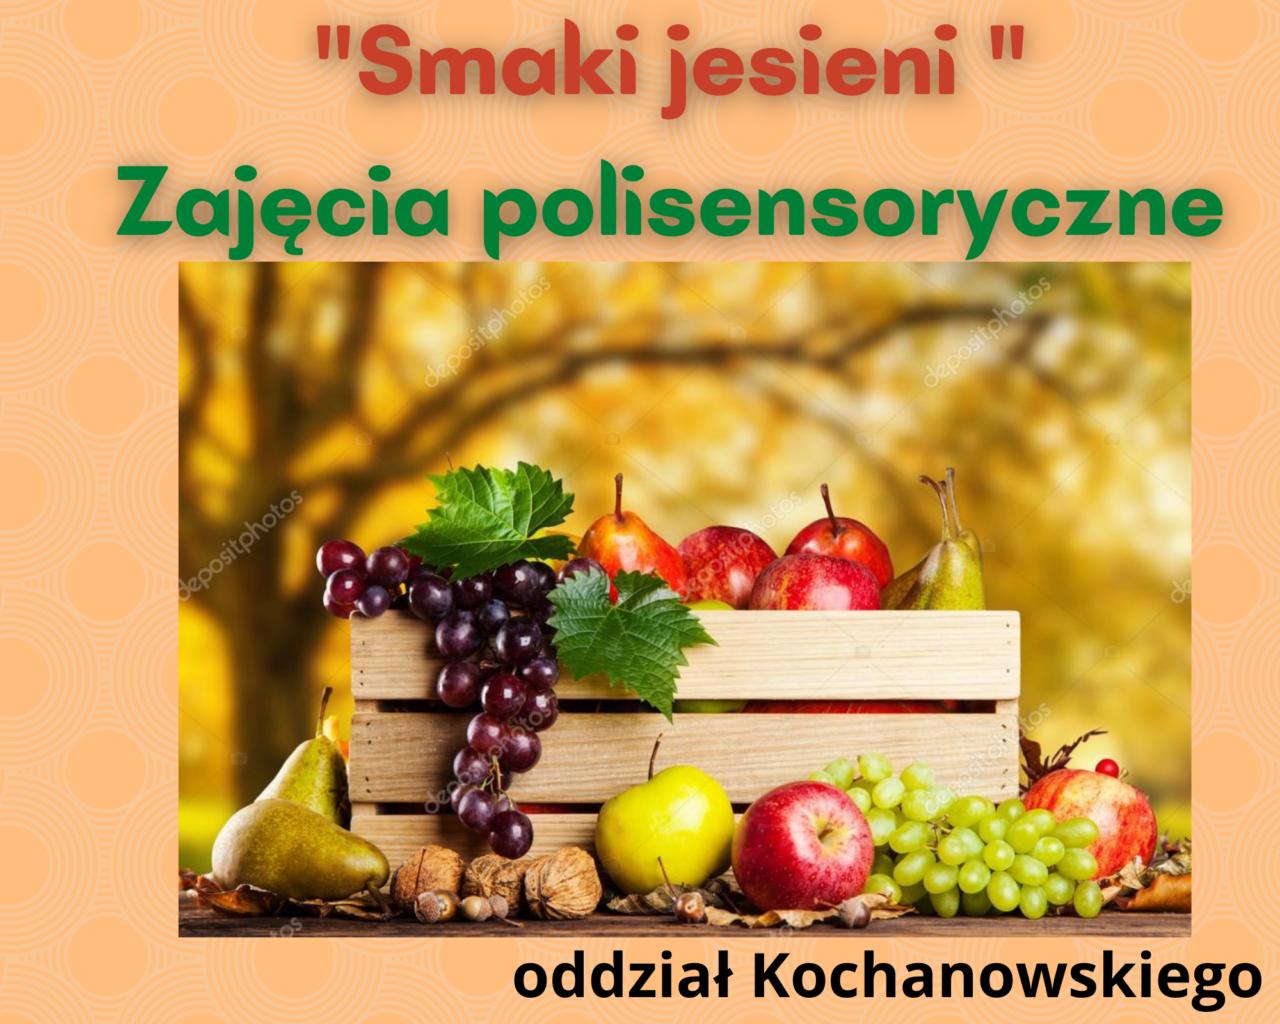 1._Smaki jesieni _ Zajęcia polisensoryczne